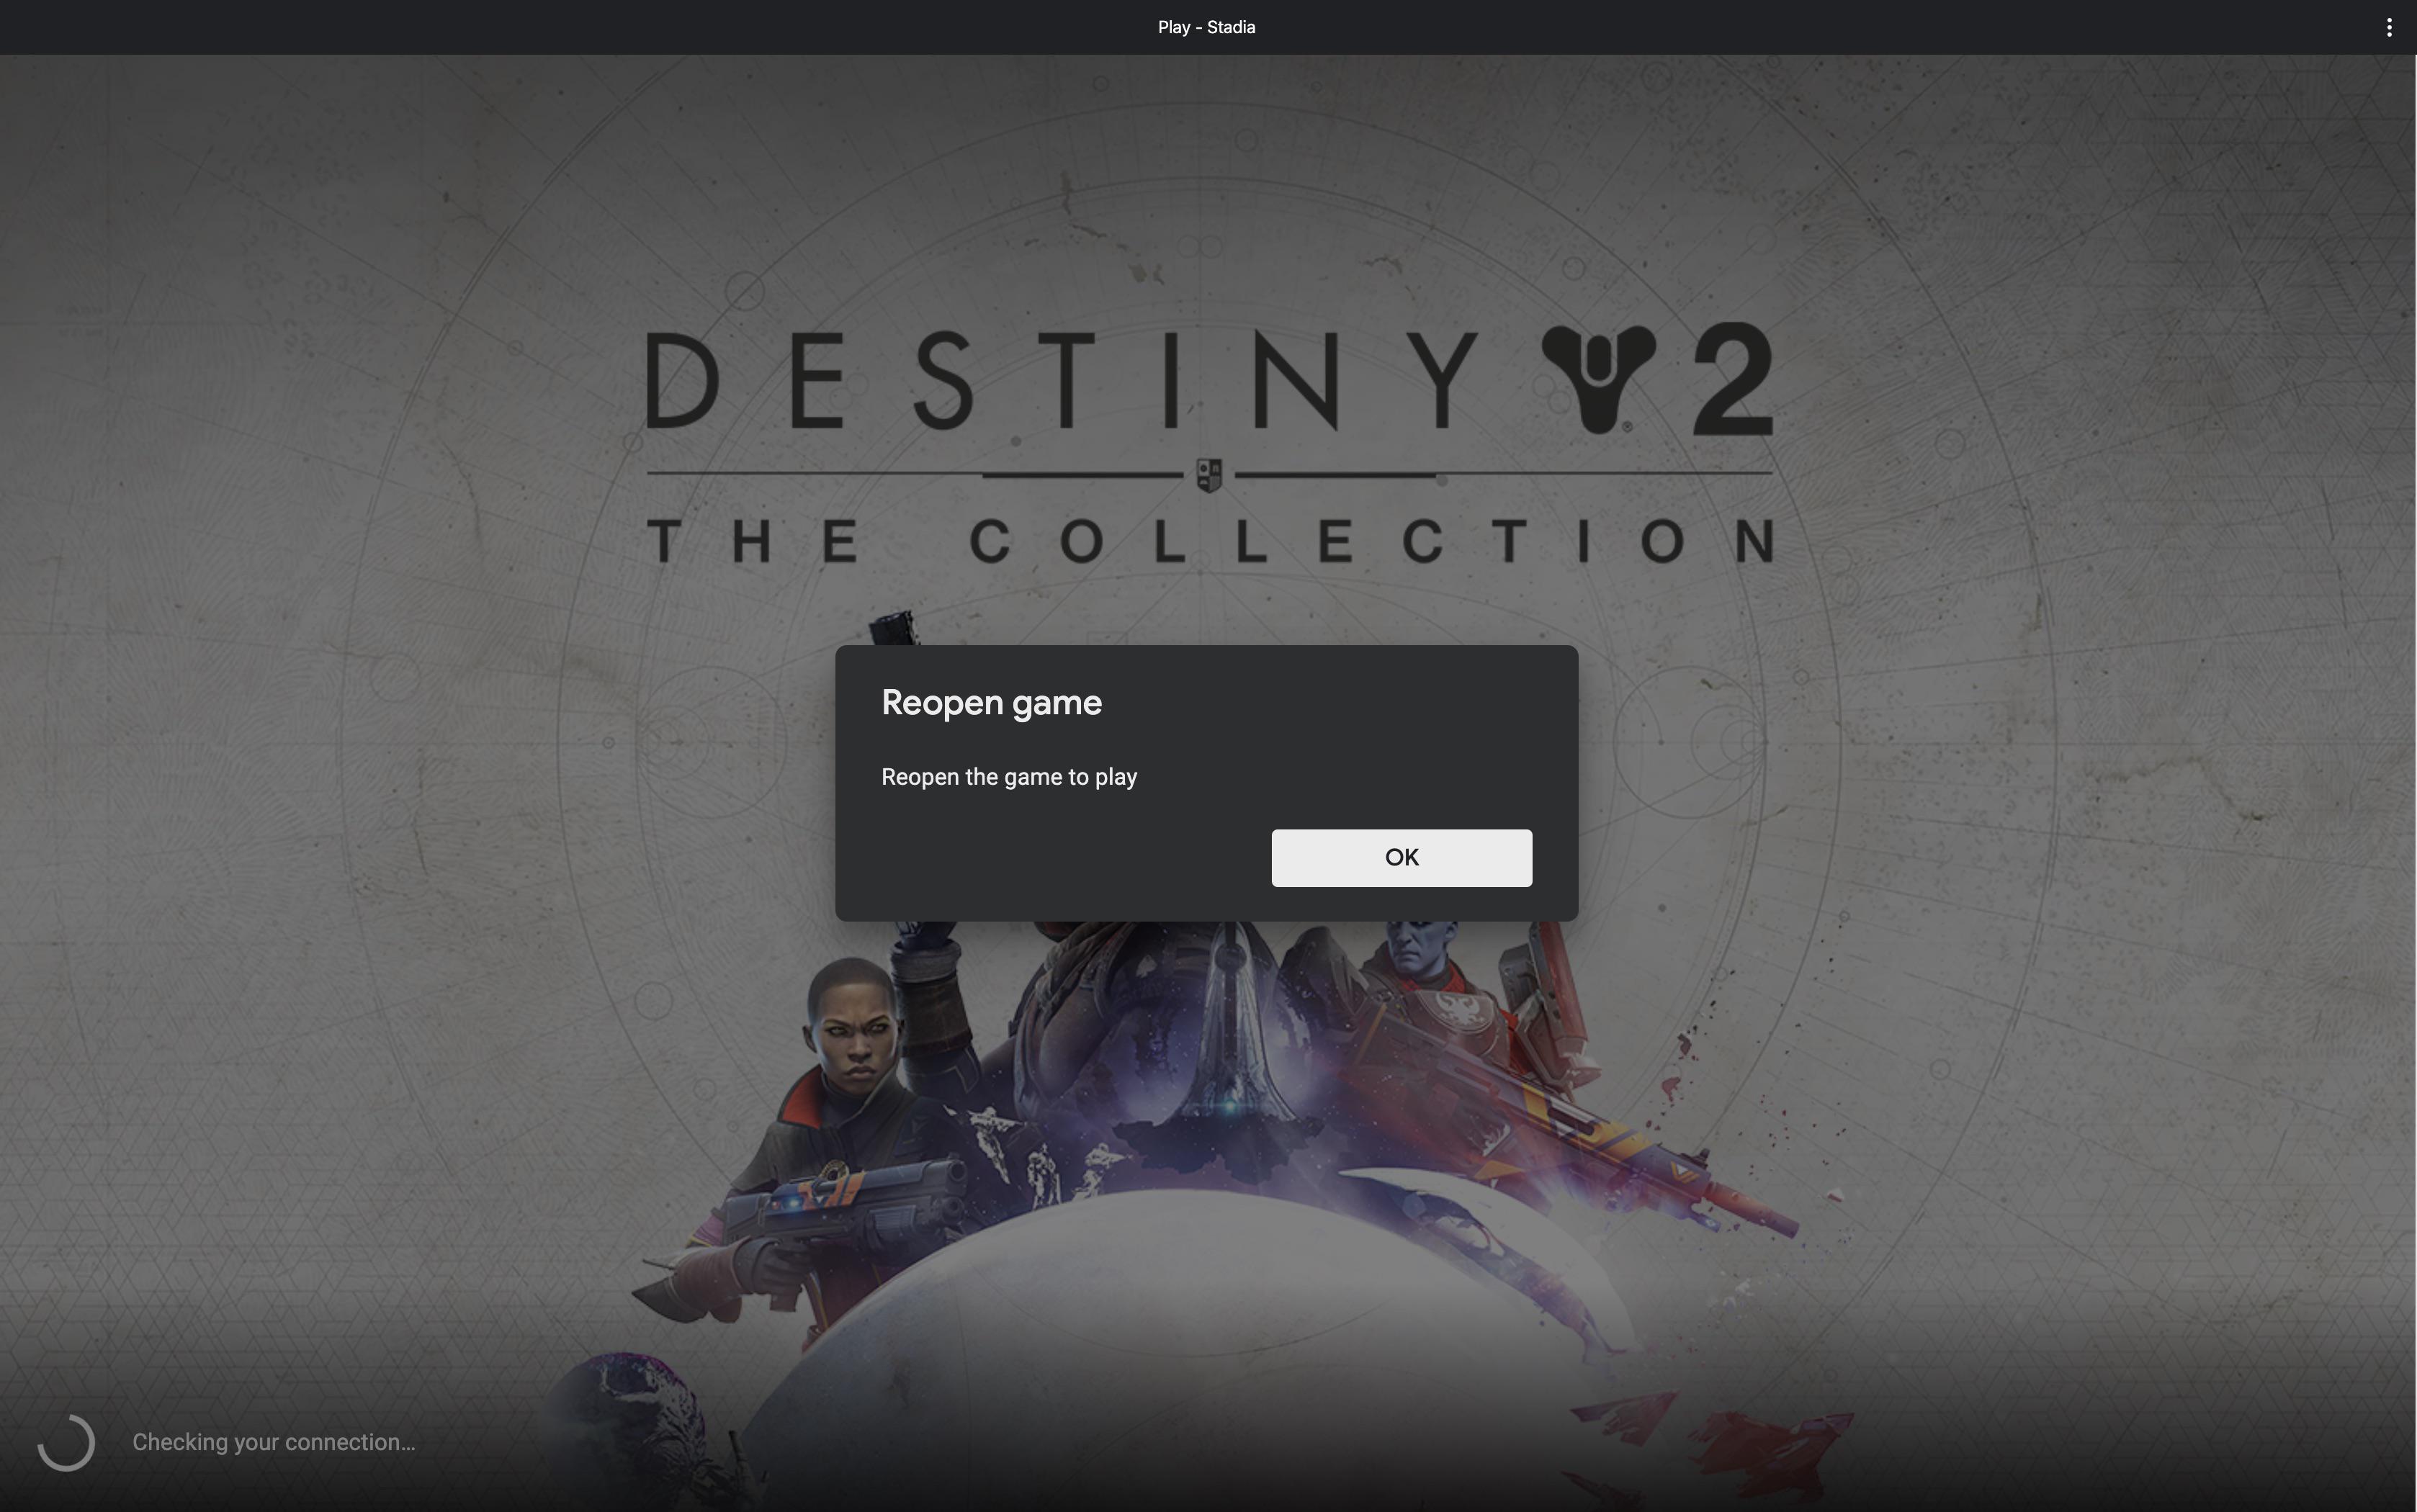 Stadia Destiny 2 Error